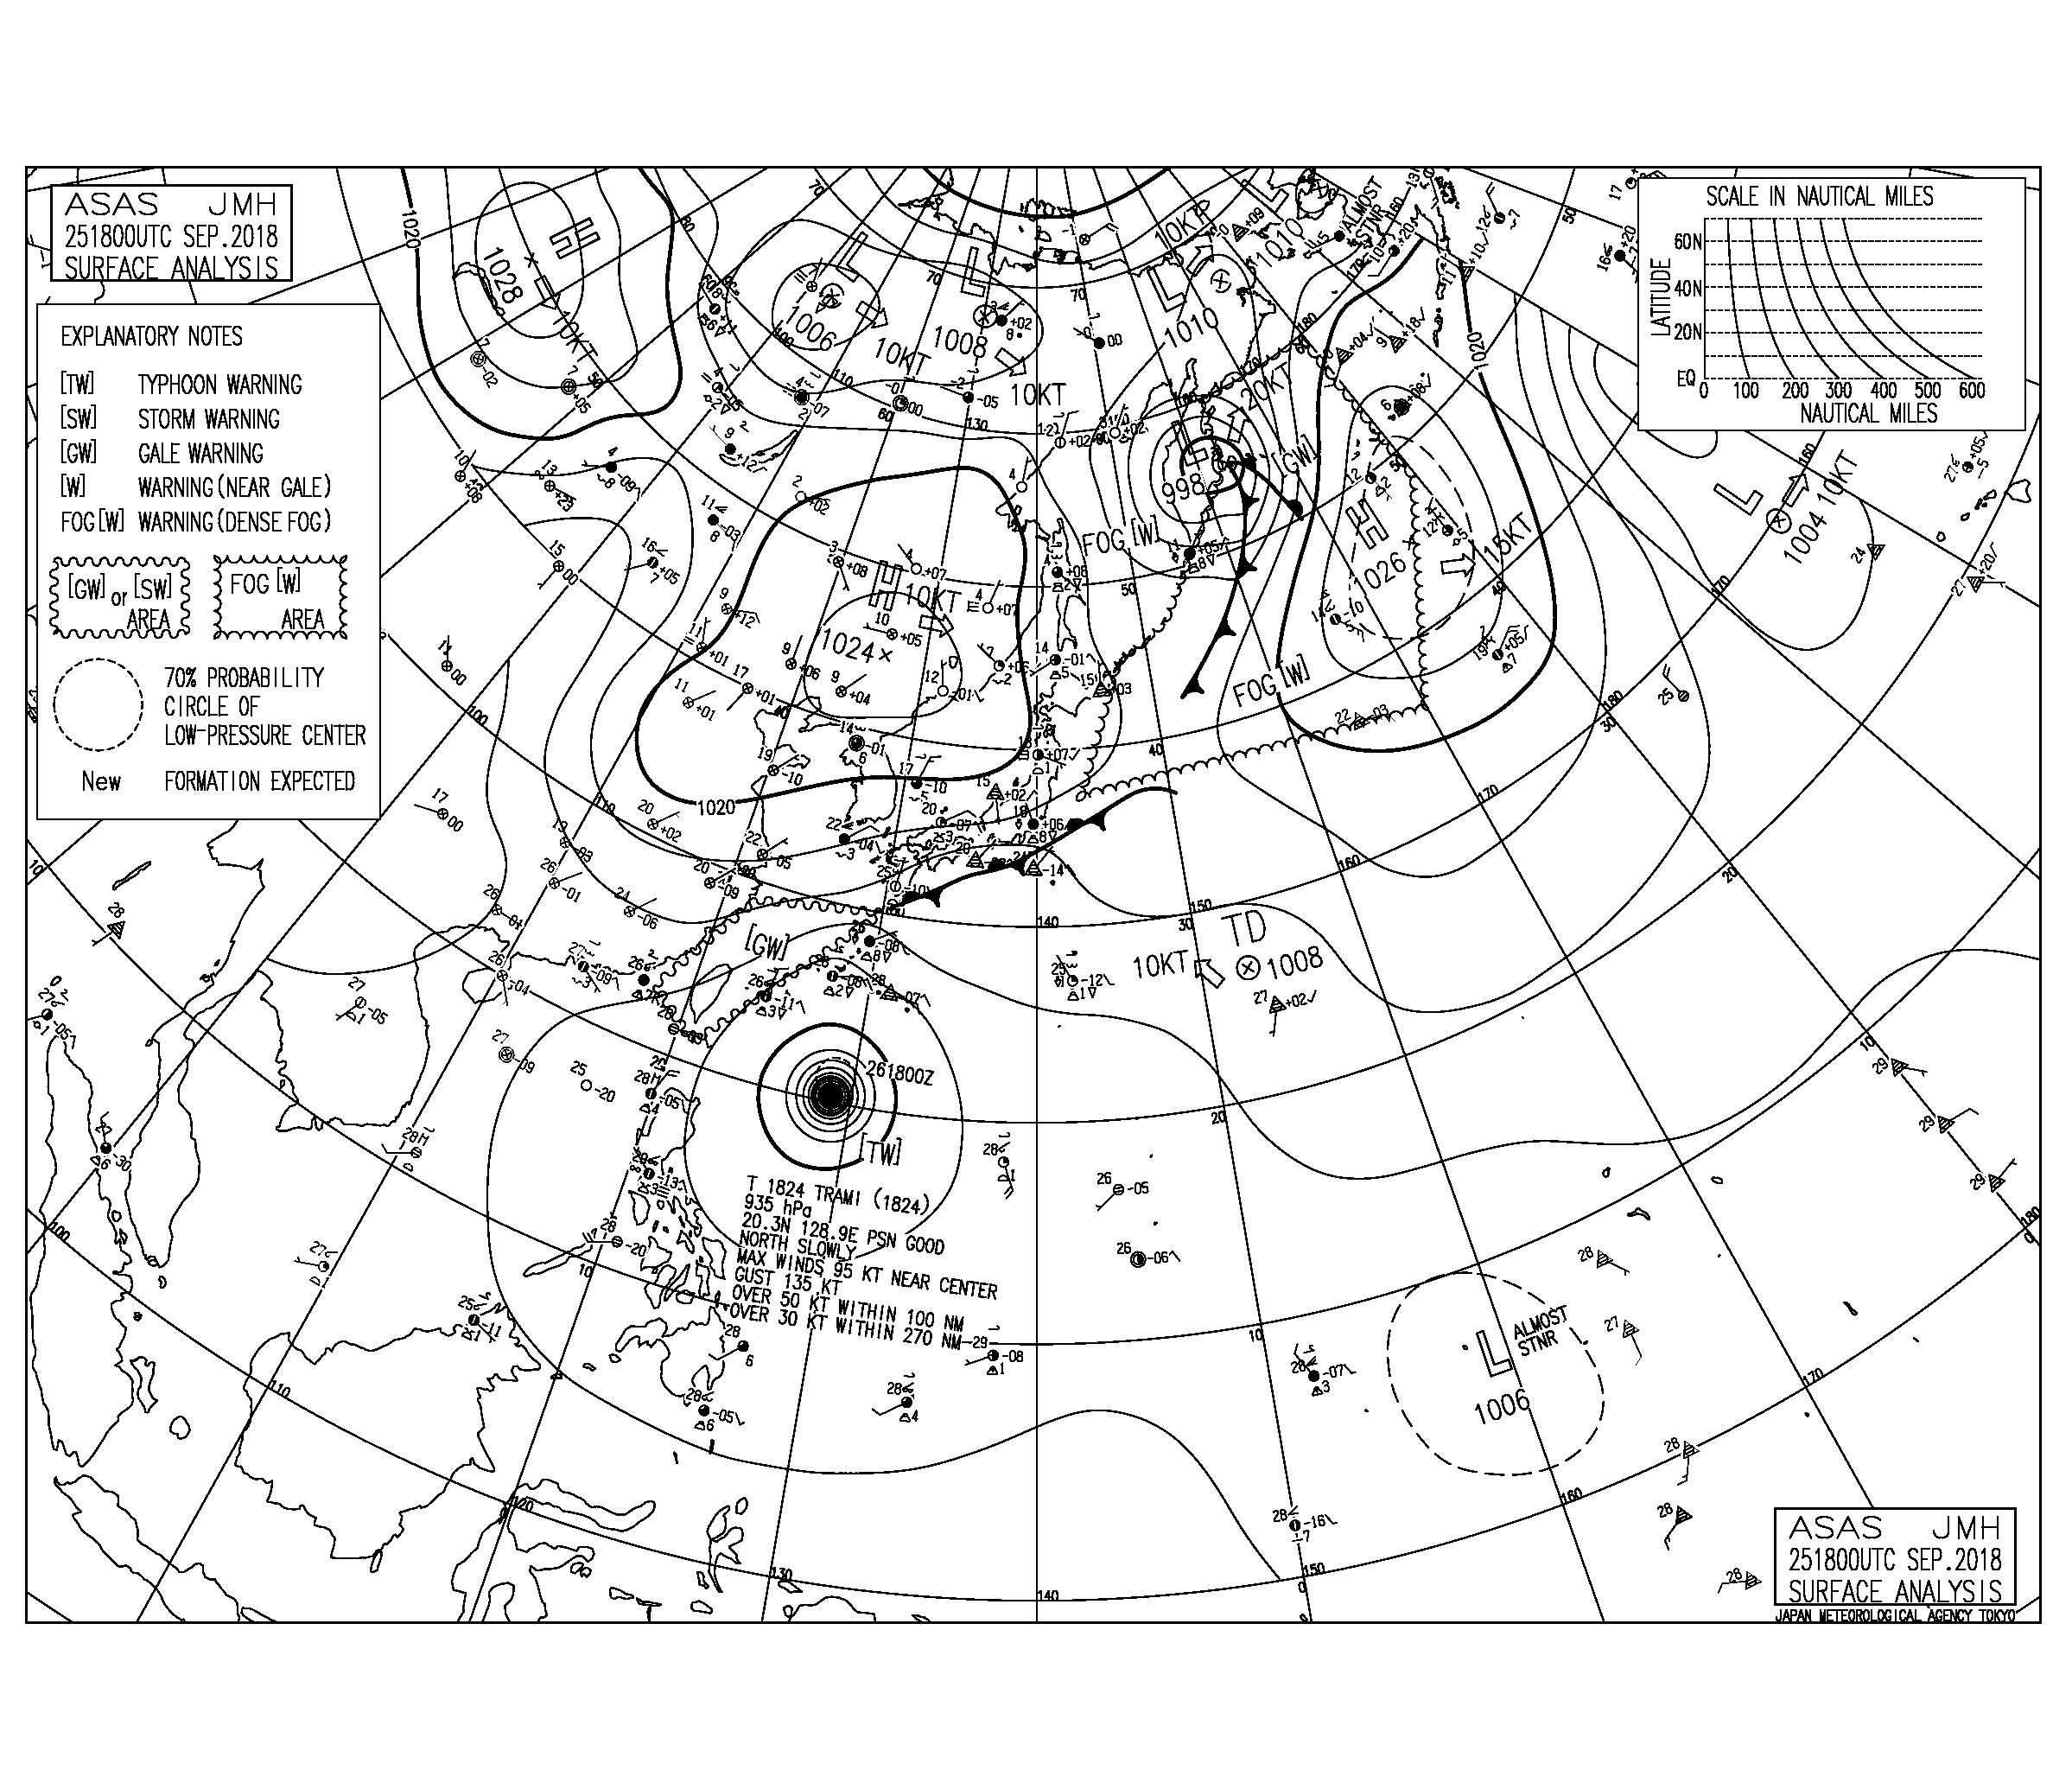 9/26 気圧配置と波情報~、台風24号は北上し本州接近の予報に、西日本はこれから更にサイズアップしてきそう